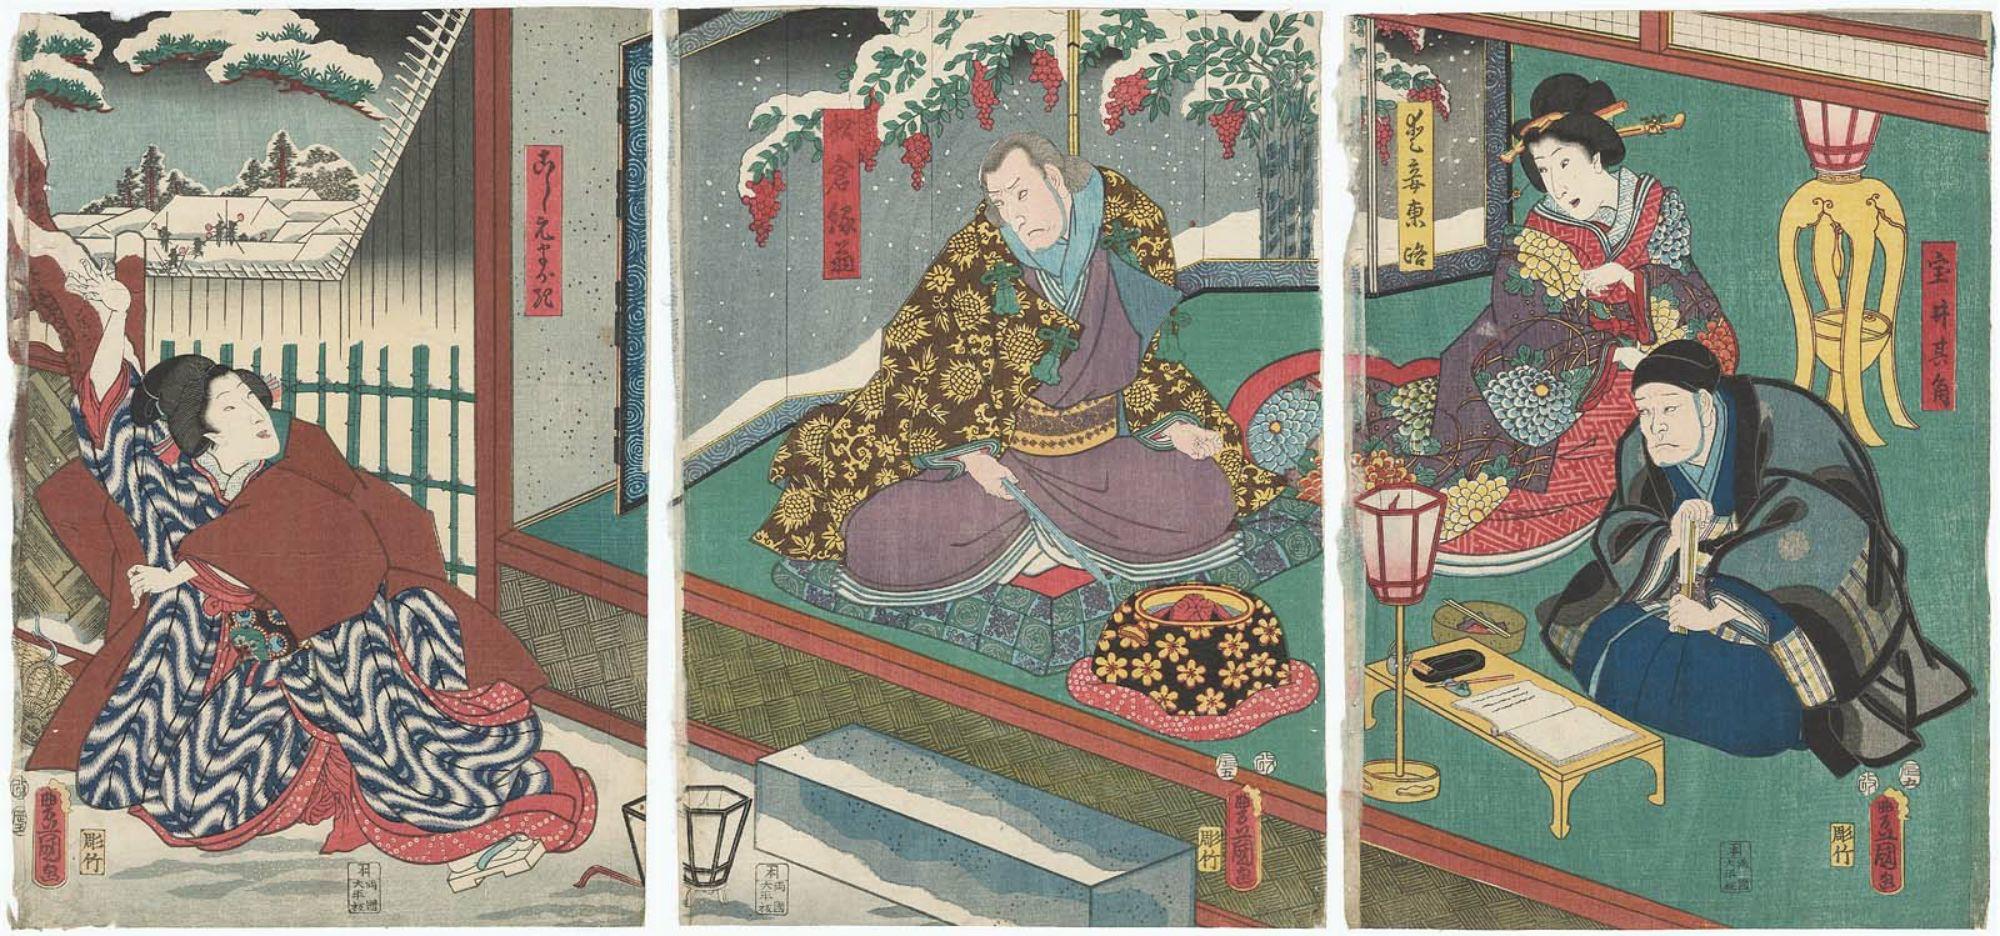 Takarai Kikaku carpe diem